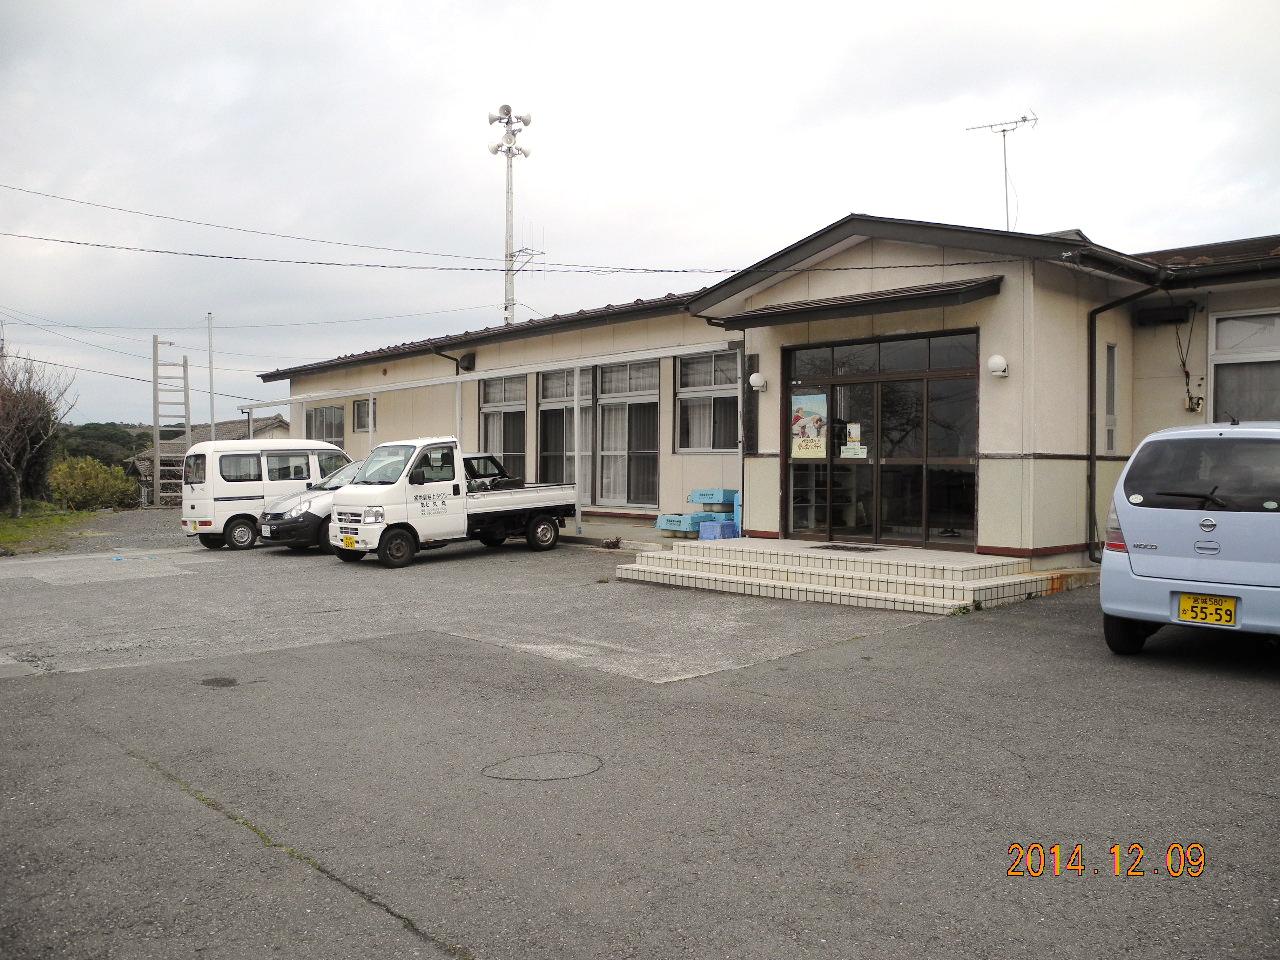 DSCN5546.JPG